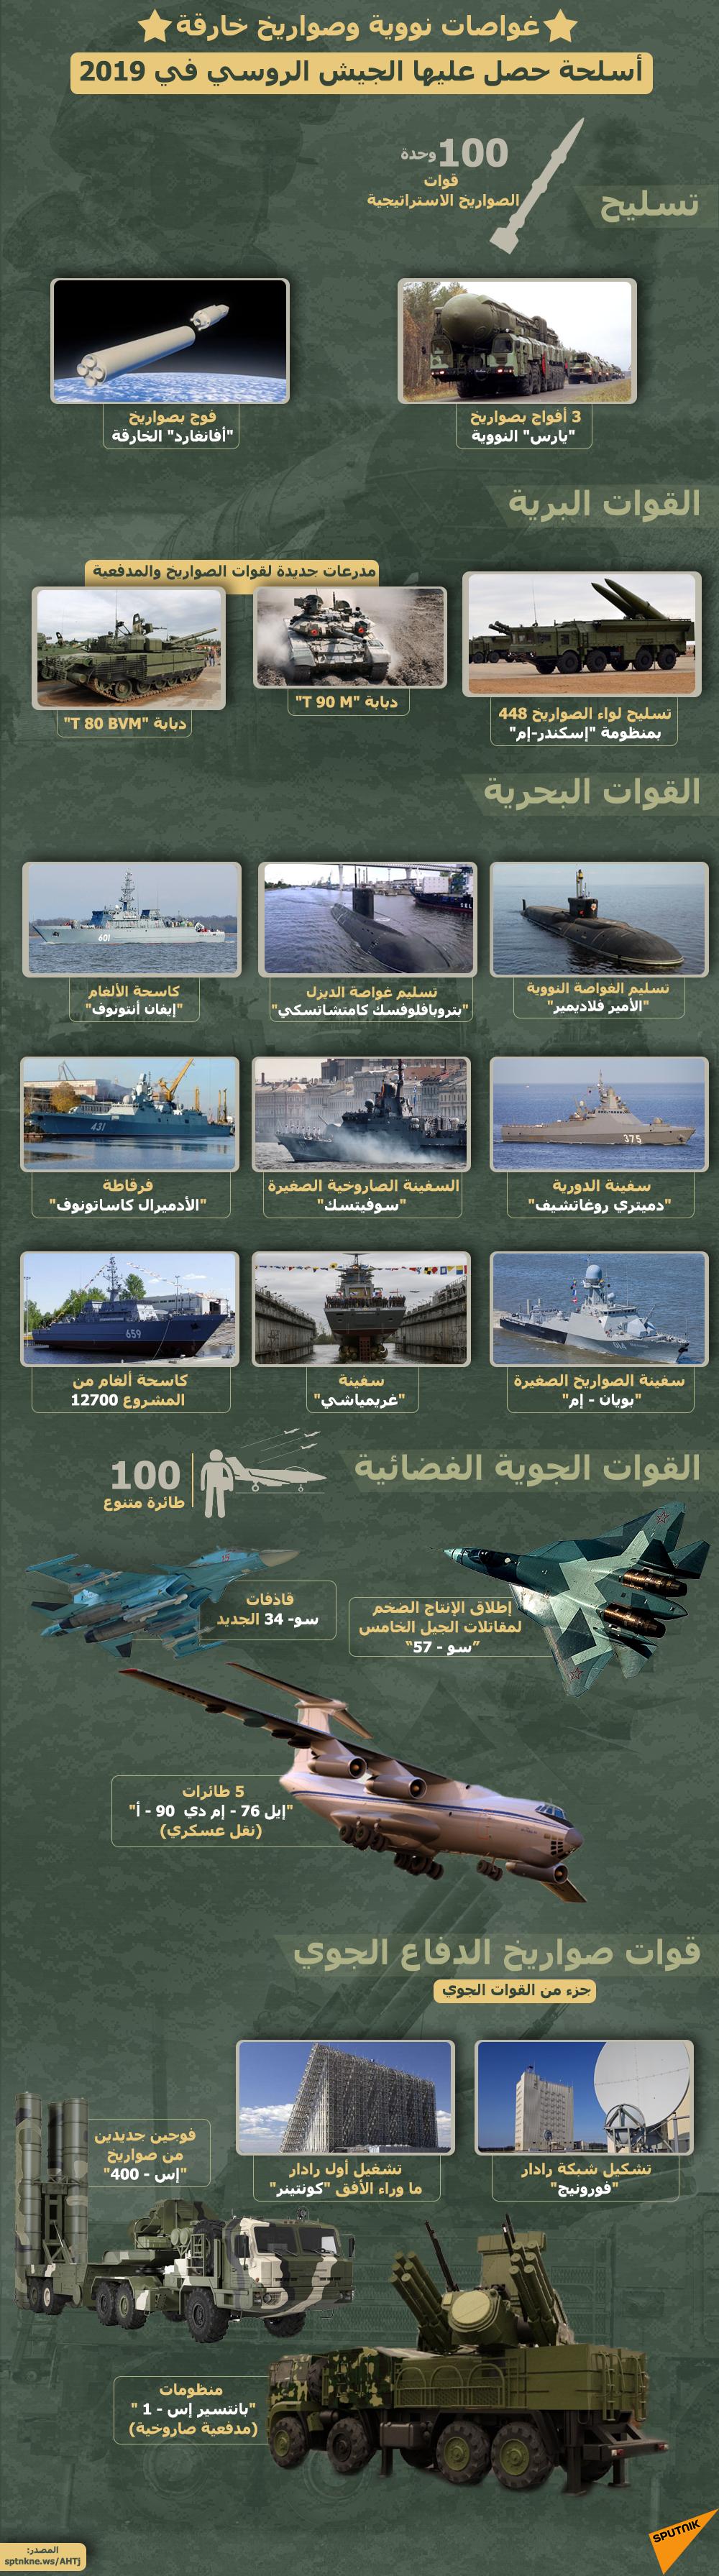 إنفوجرافيك - أسلحة حصل عليها الجيش الروسي في 2019